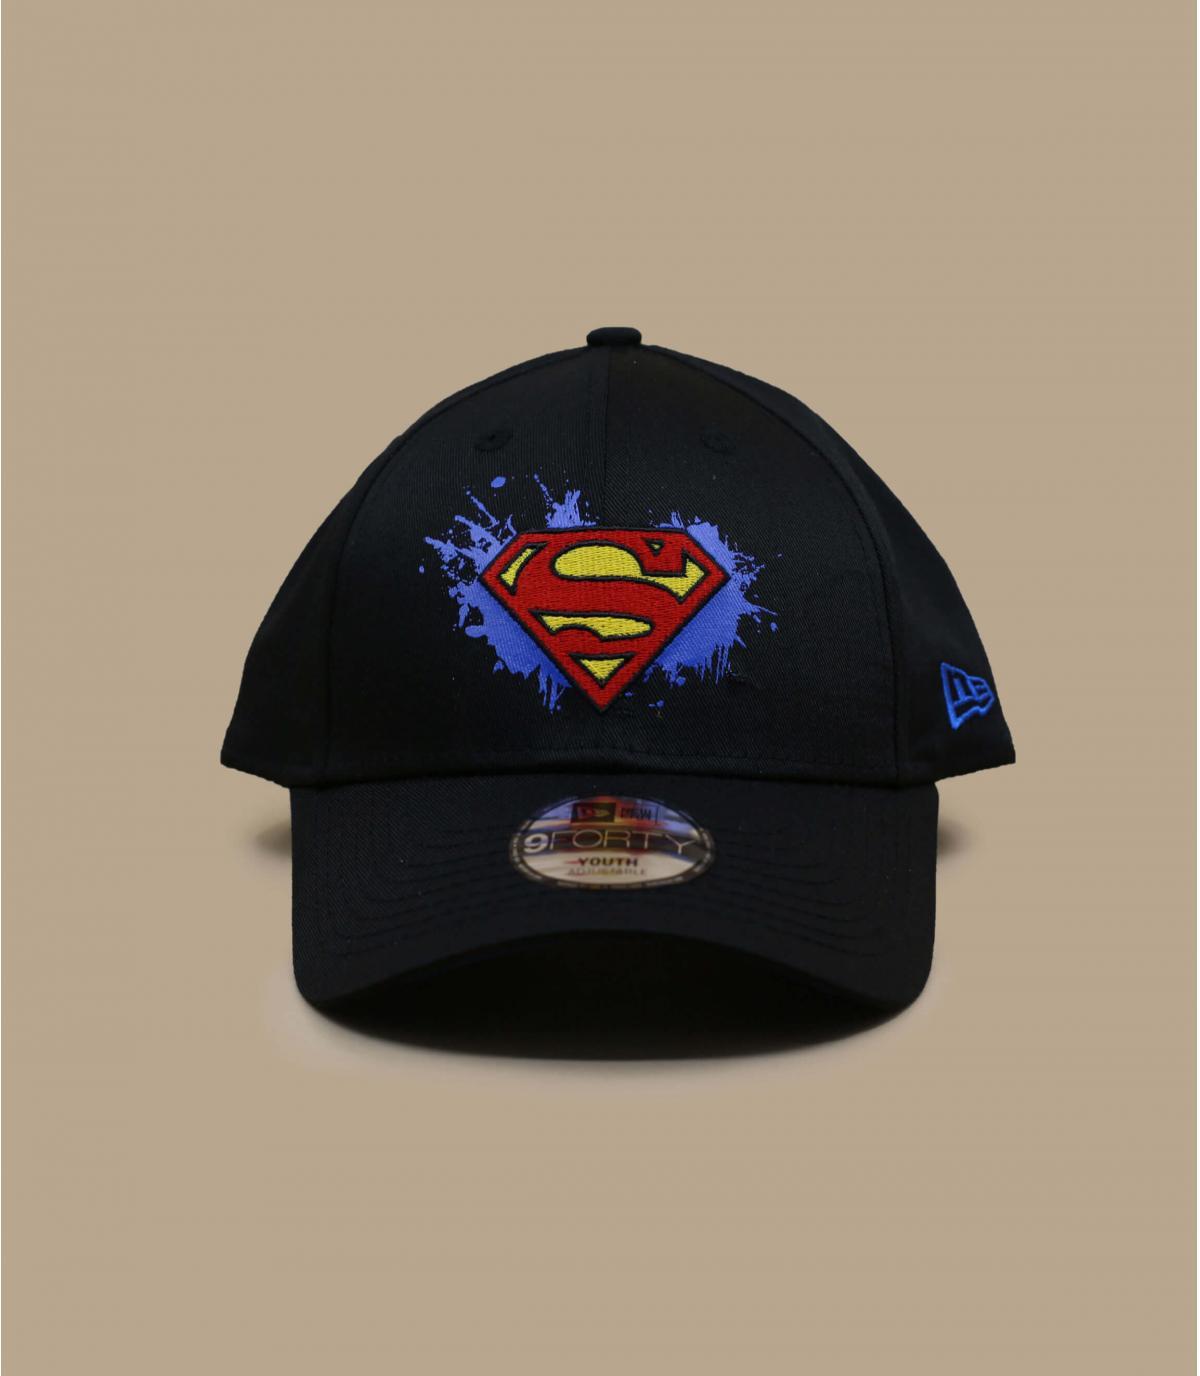 Détails Kids Splat Superman 940 - image 2